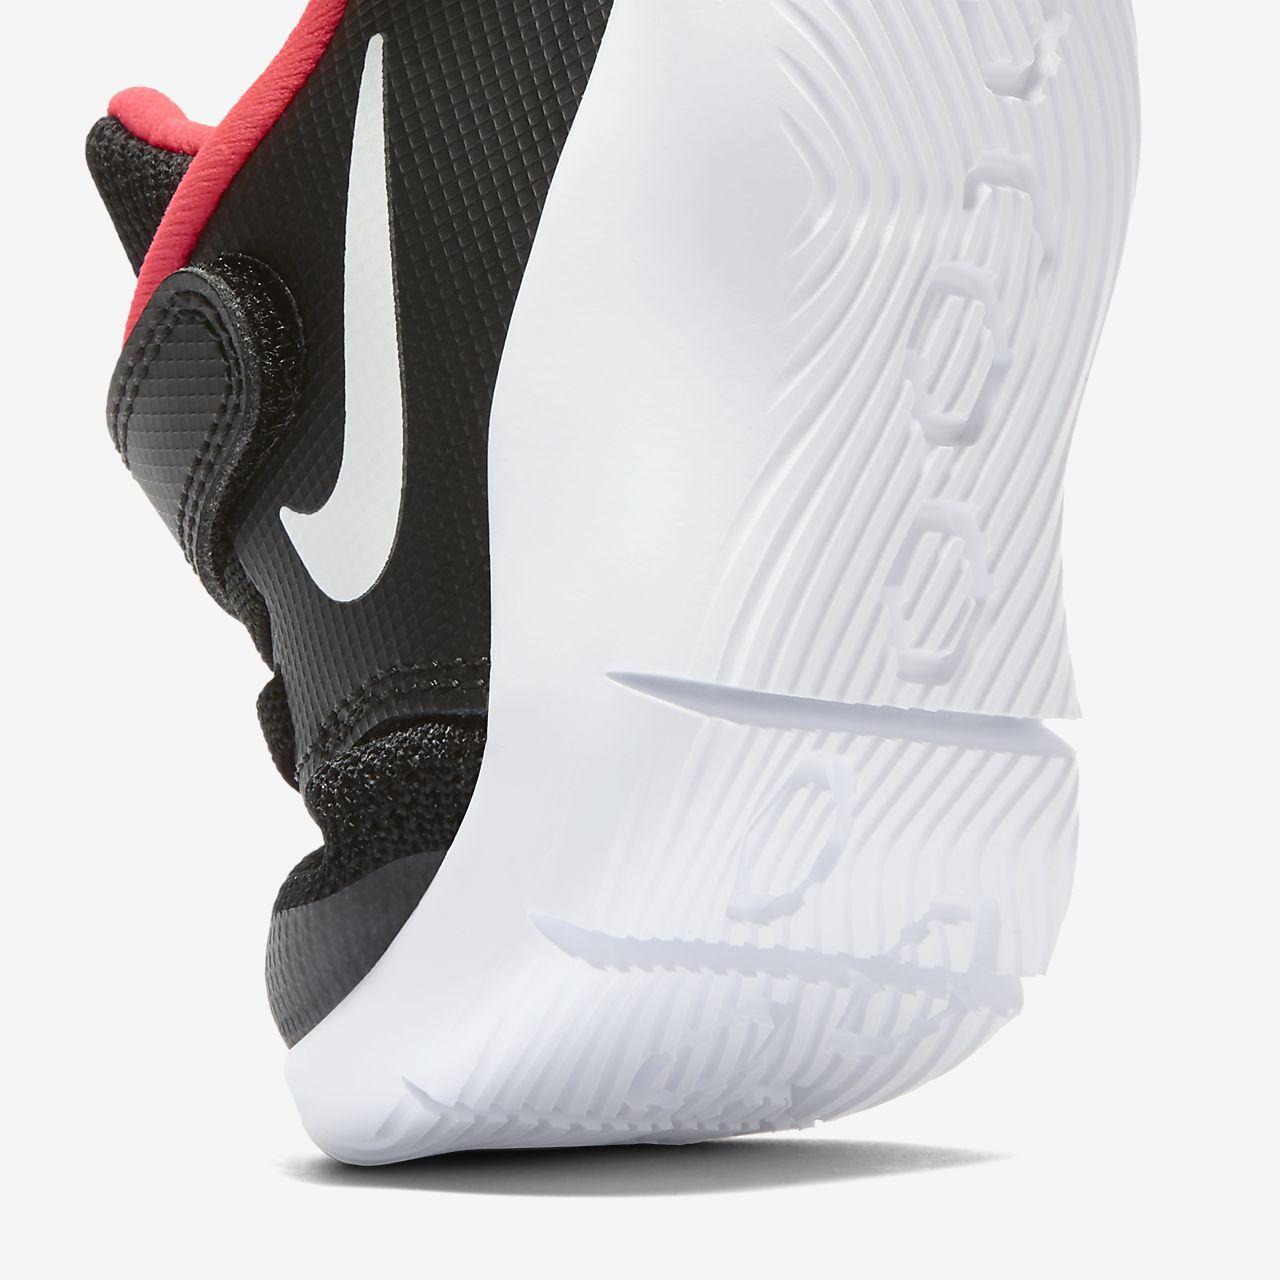 super popular 37840 201e1 ... Sko Nike Flex Contact 2 för baby små barn